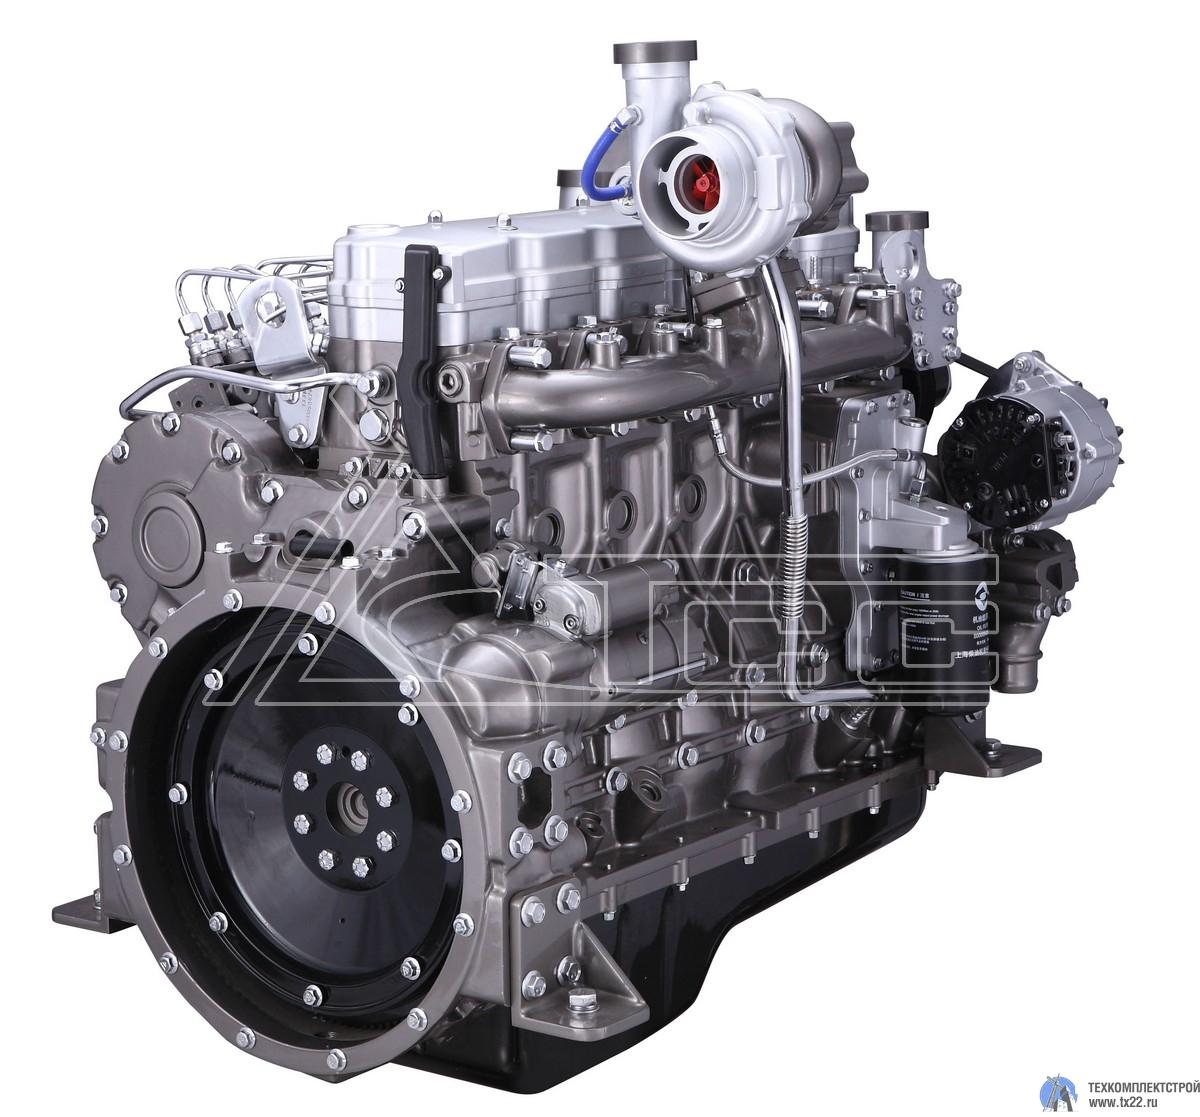 Фото товара TSS Diesel TDJ 1000 12VT